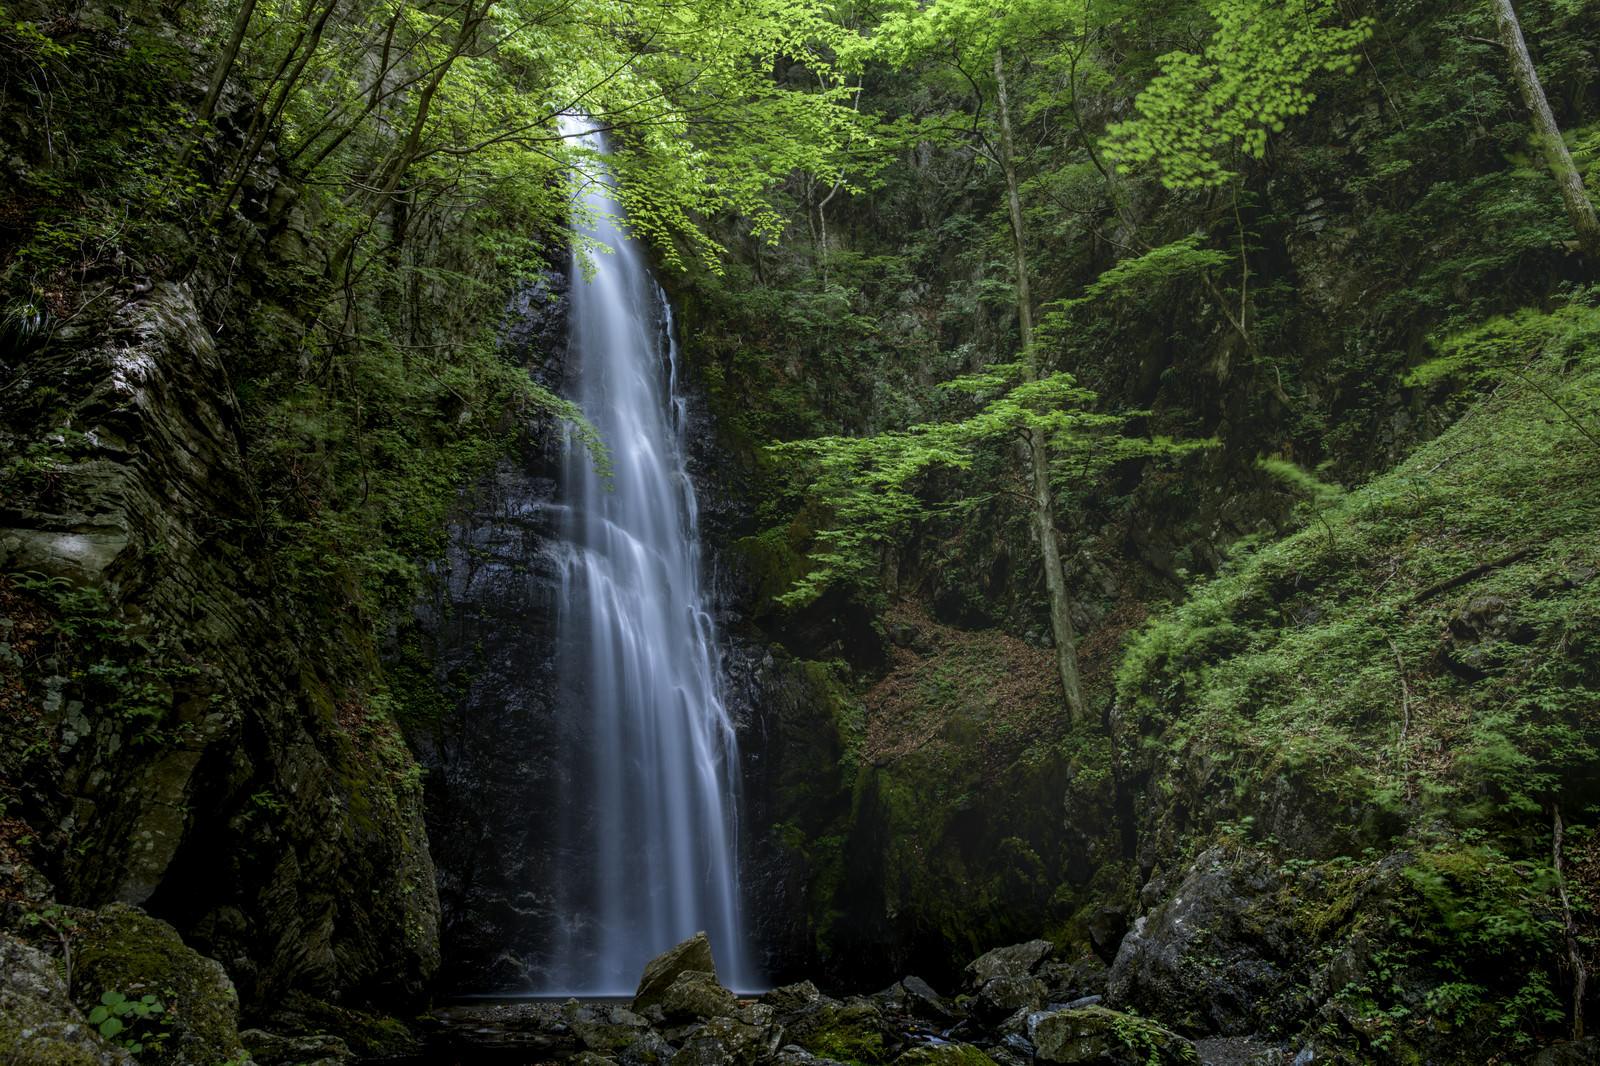 「川苔山中腹にある百尋の滝」の写真